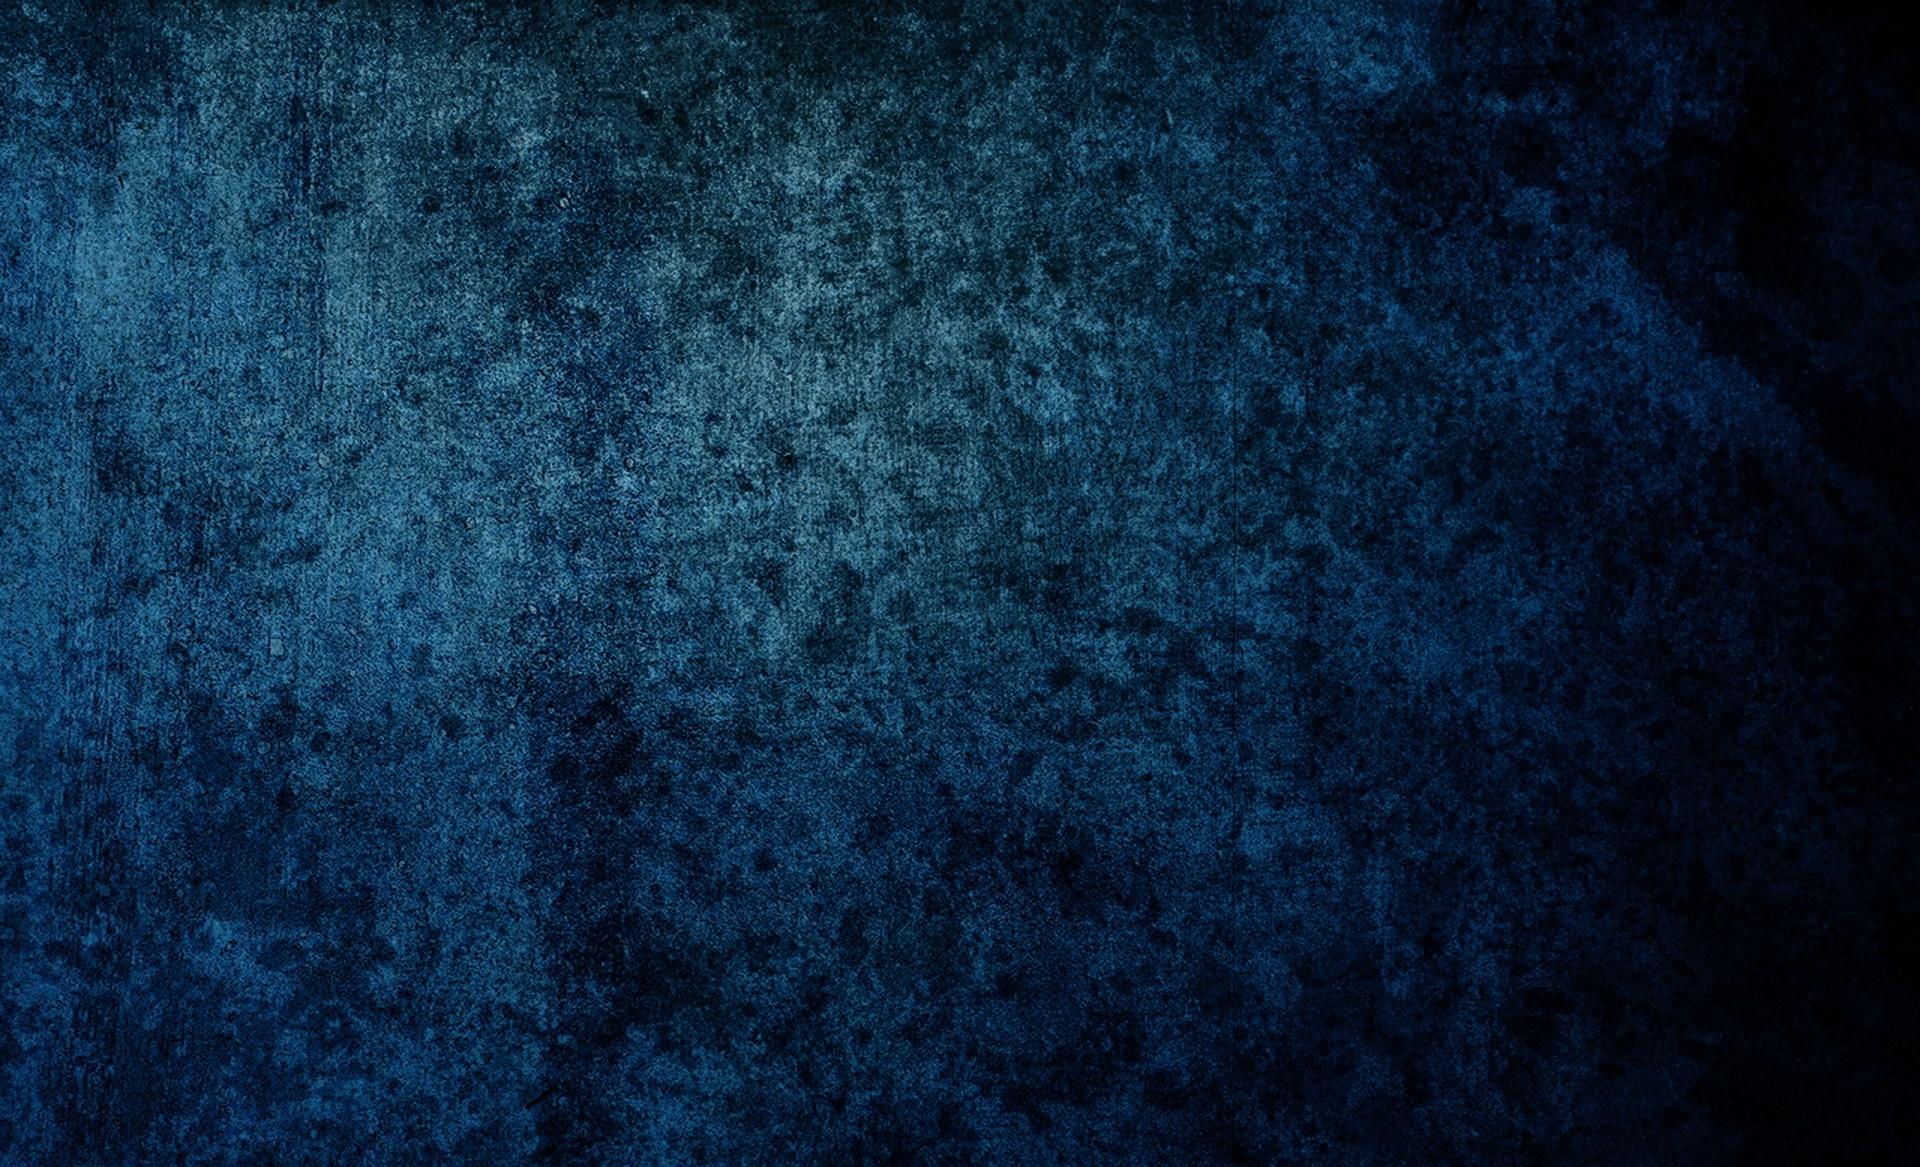 Blue Grunge Wallpaper HD 1920x1167